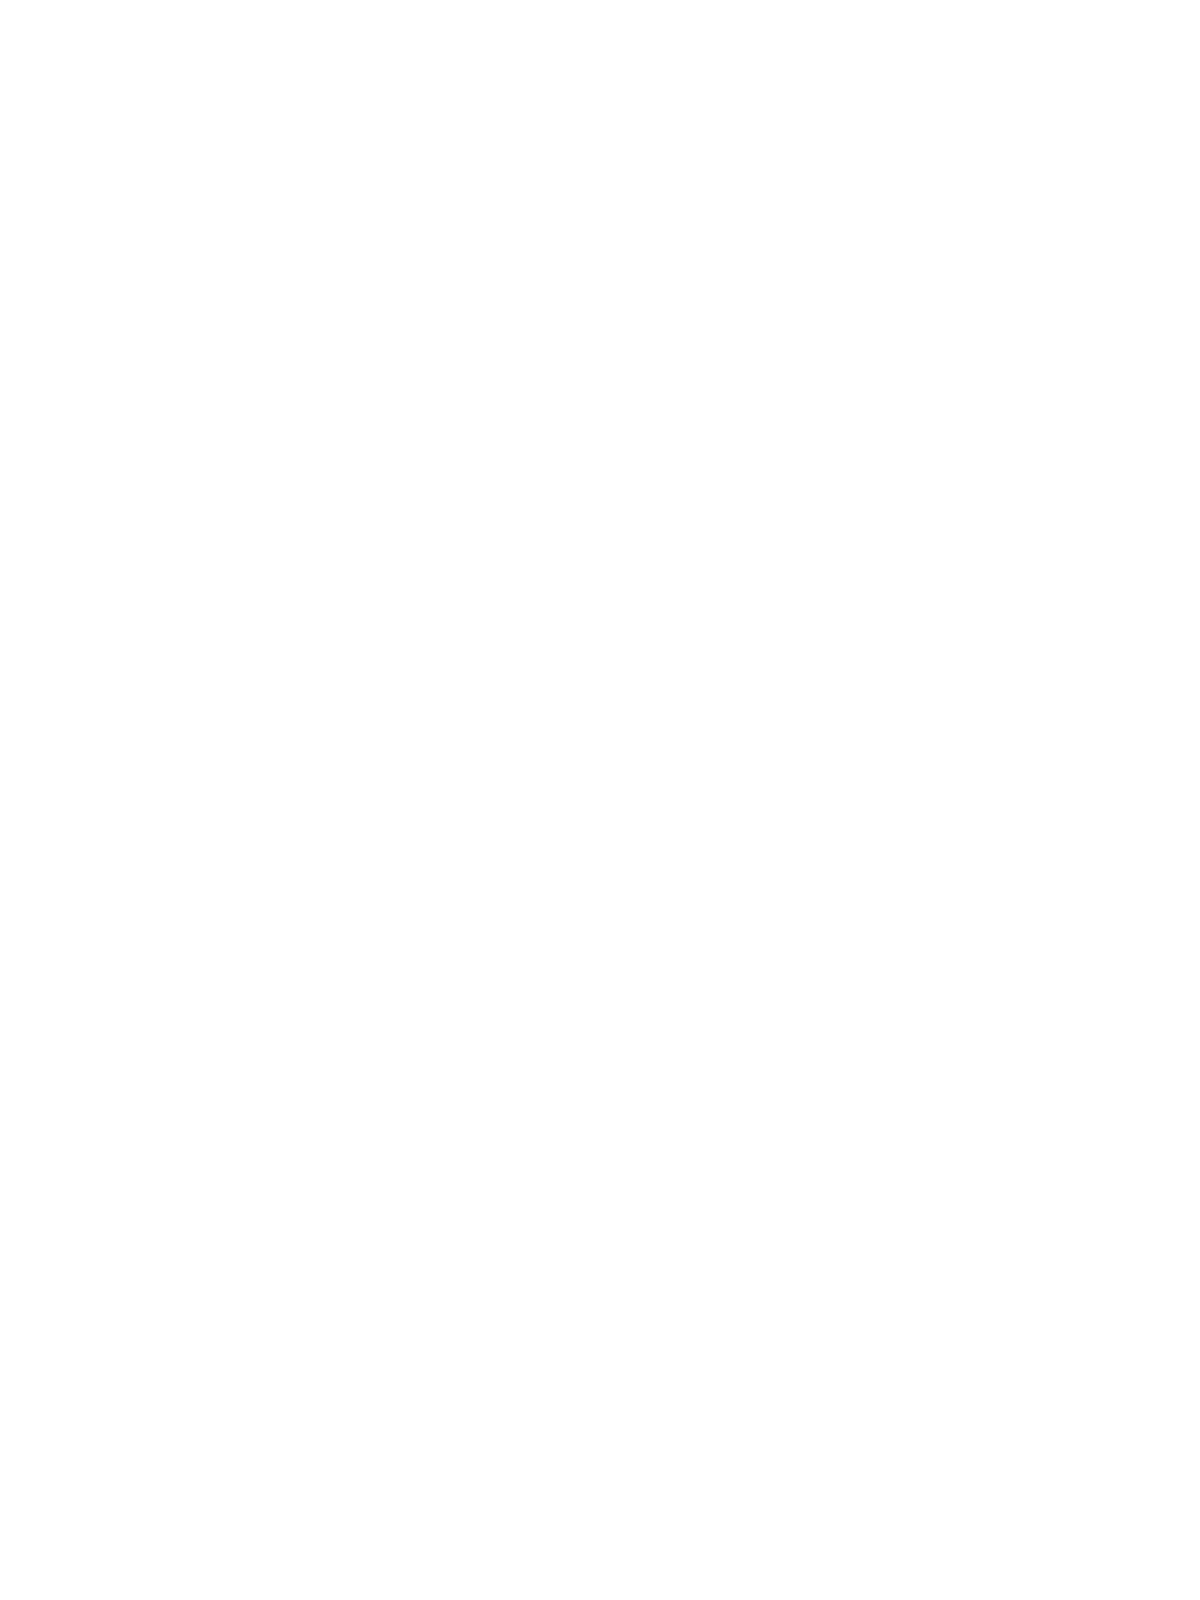 Ginga no Megami Netisu IV Daija Hen Kouhen 36